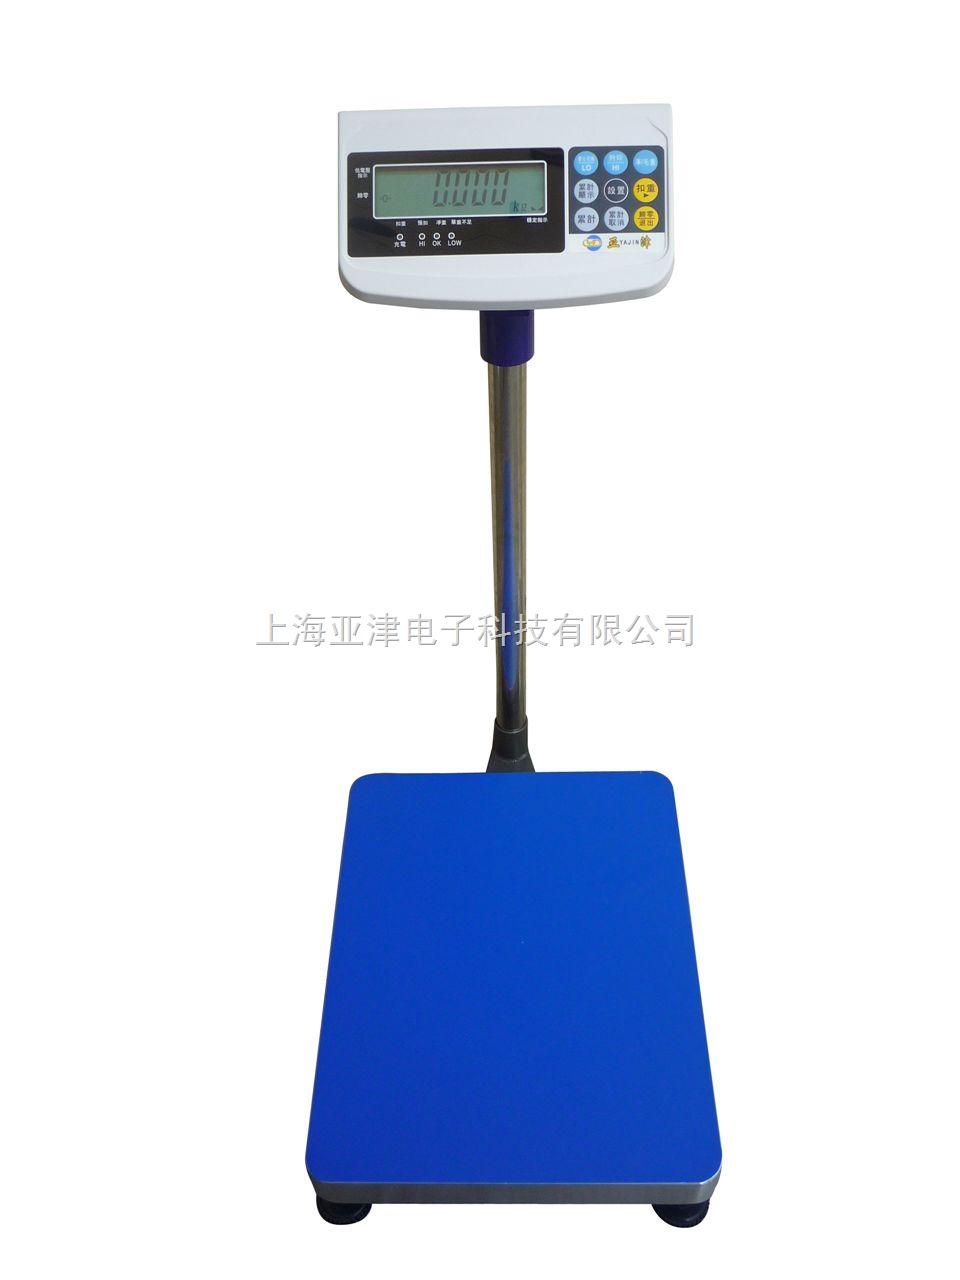 TCS经济节电型电子秤,LCD显示150KG电子台秤